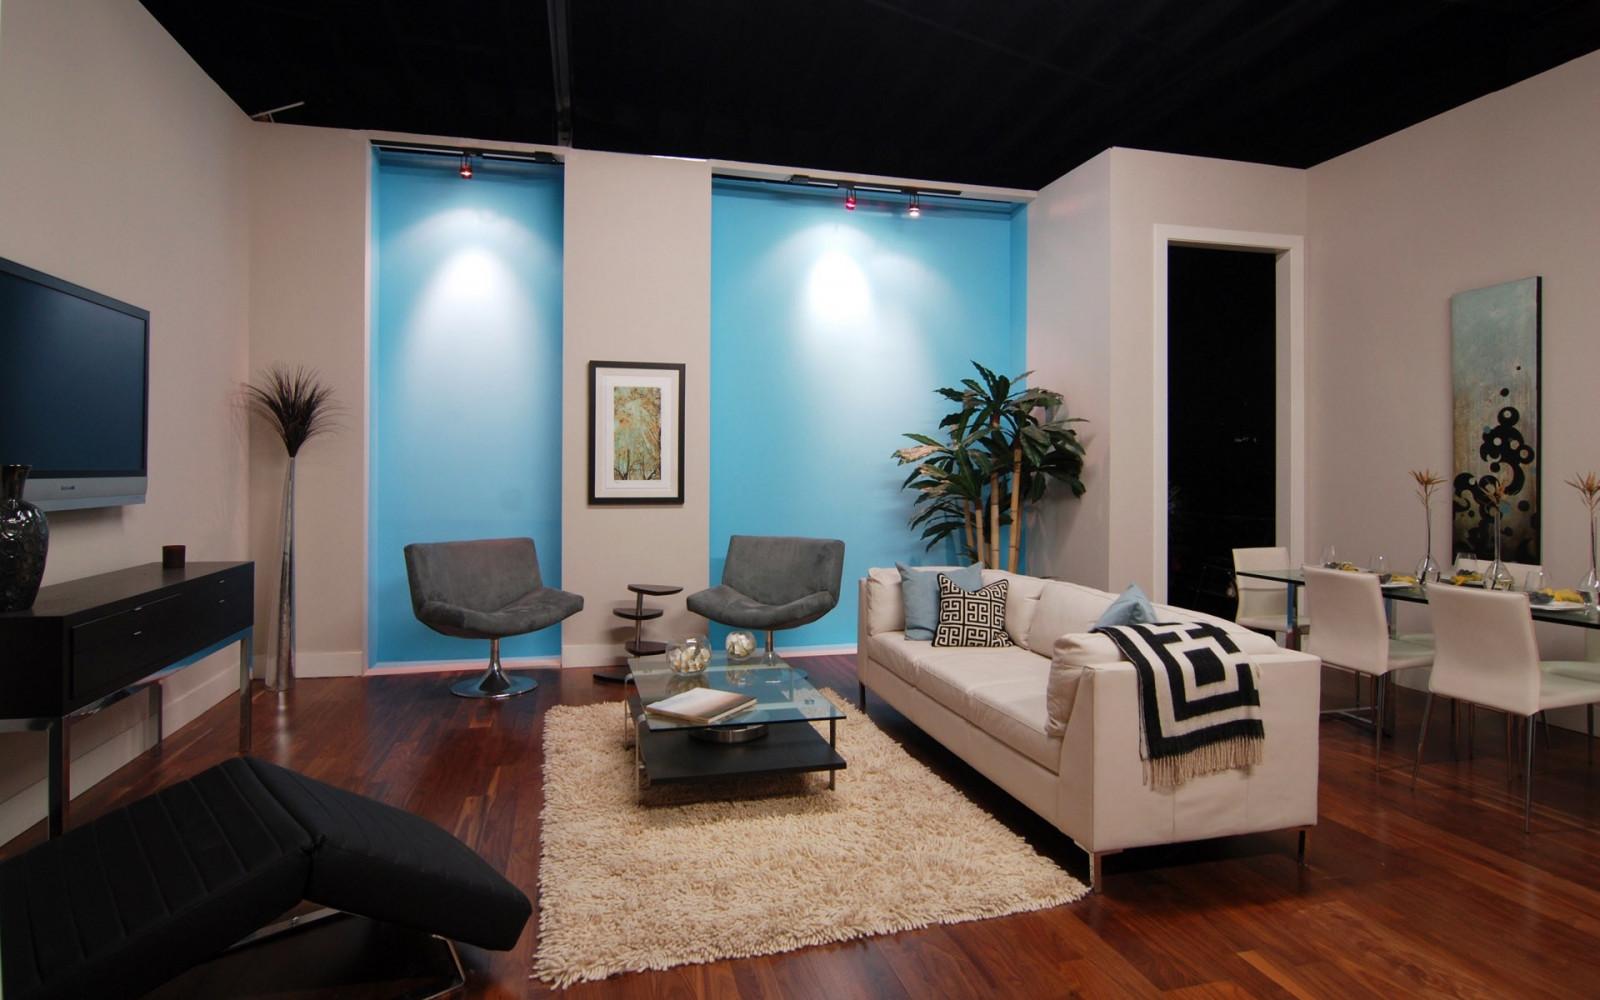 Wallpaper : TV, shelves, interior design, carpet, sofa ...